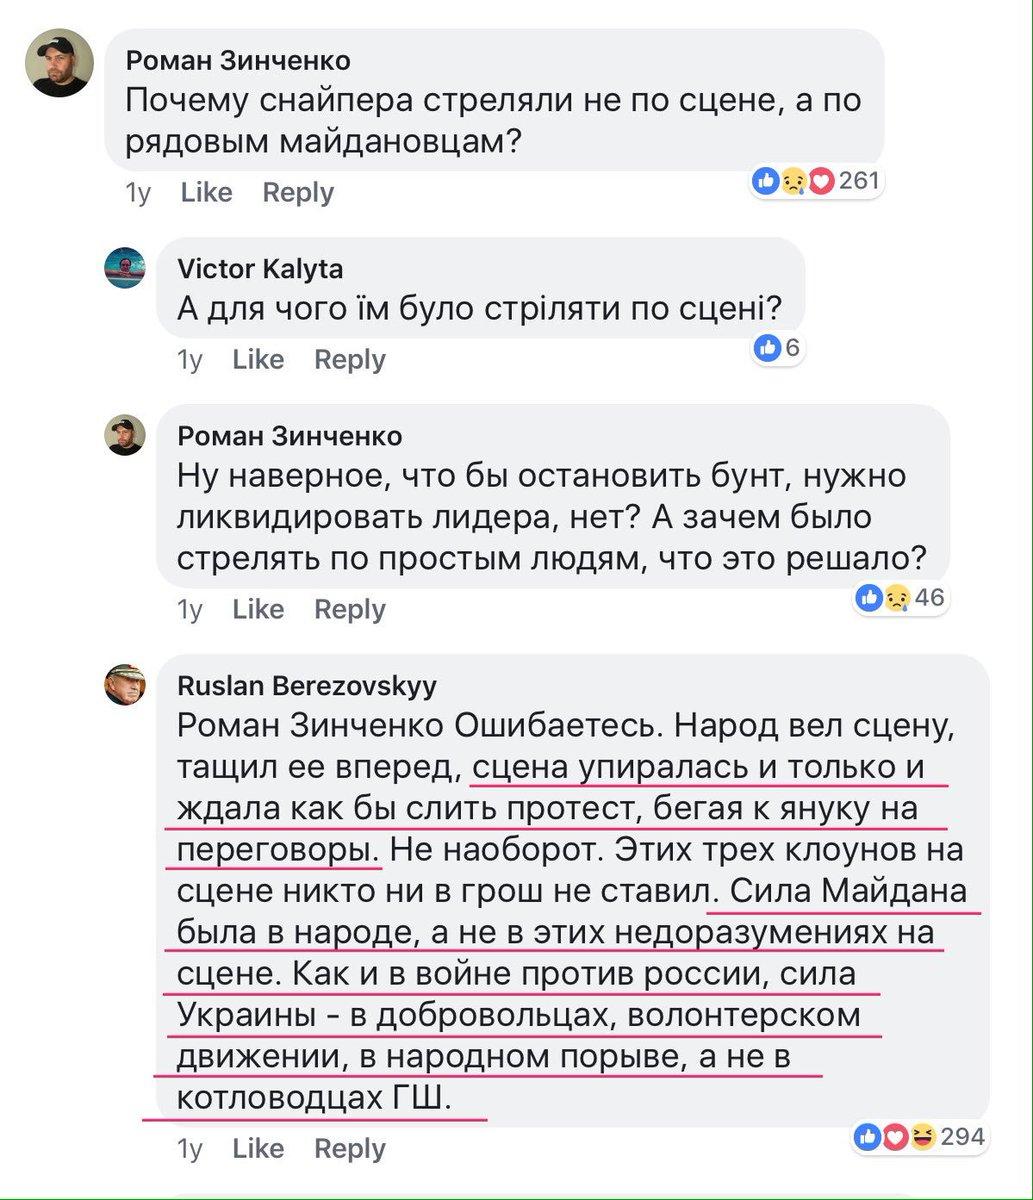 Украина призвала ЮНЕСКО фиксировать разрушение Ханского дворца в оккупированном Крыму, - Нищук - Цензор.НЕТ 5979